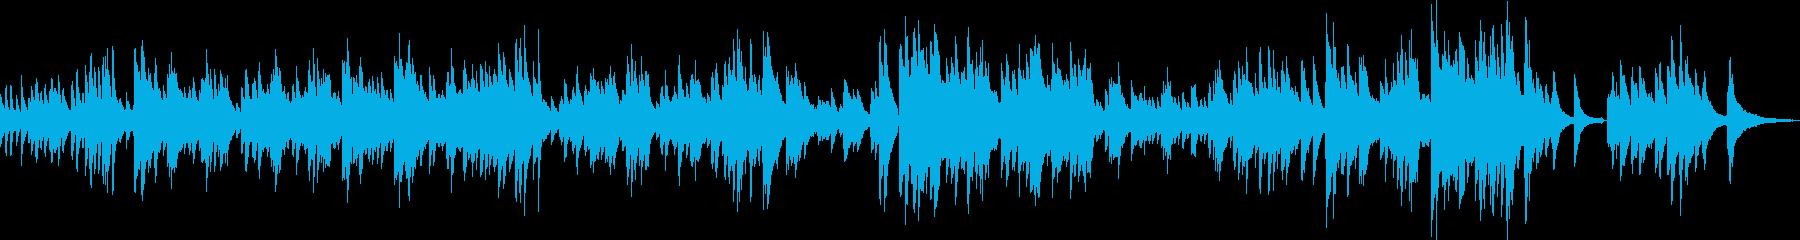 希望に満ち溢れたピアノ曲(独奏)の再生済みの波形